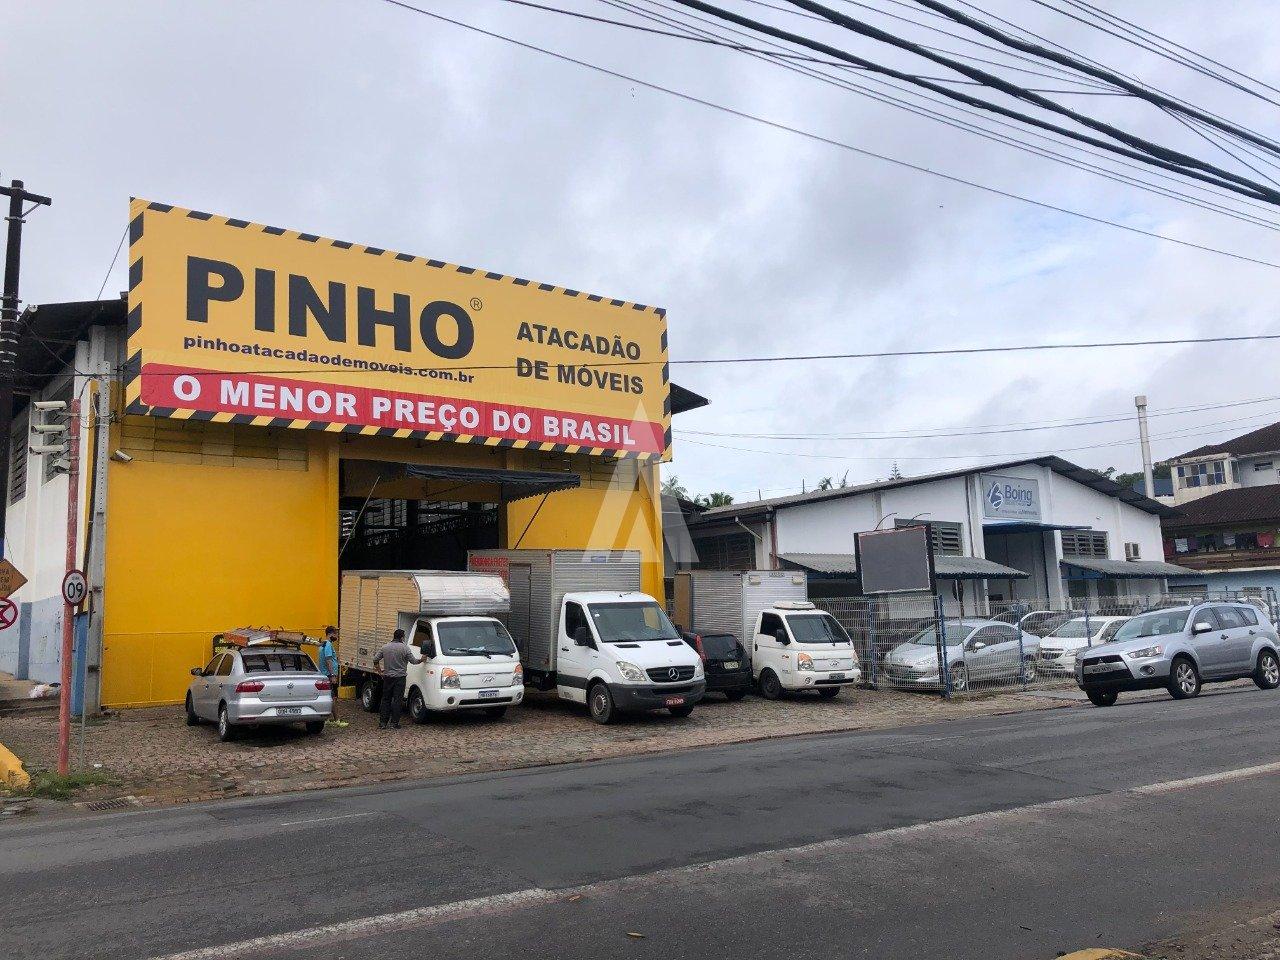 Pavilhão/galpão/depósito à venda  no Bom Retiro - Joinville, SC. Imóveis